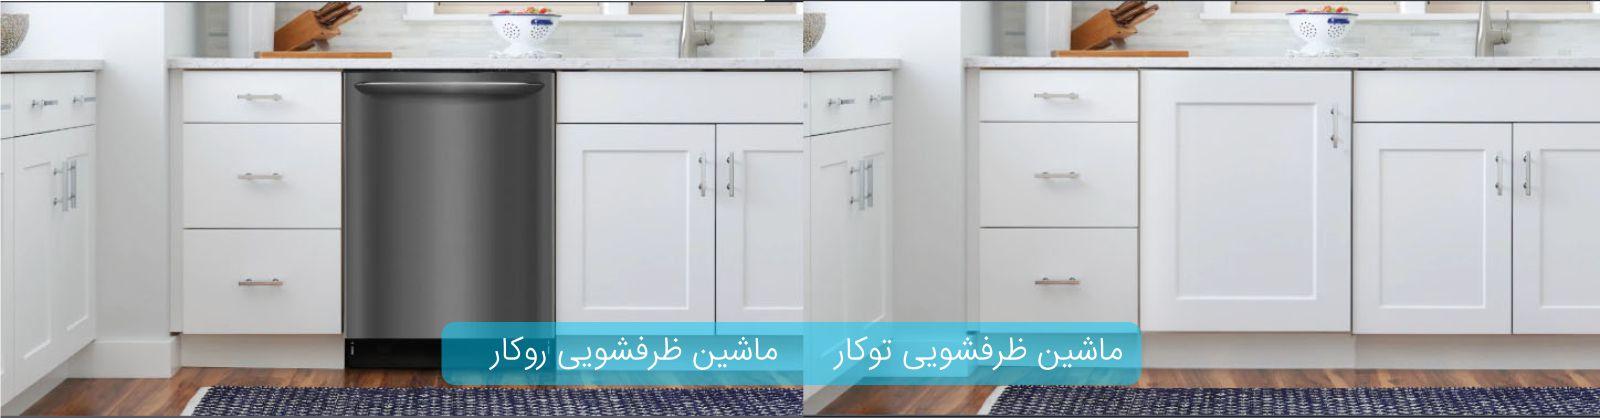 نحوه قرارگیری ماشین ظرفشویی